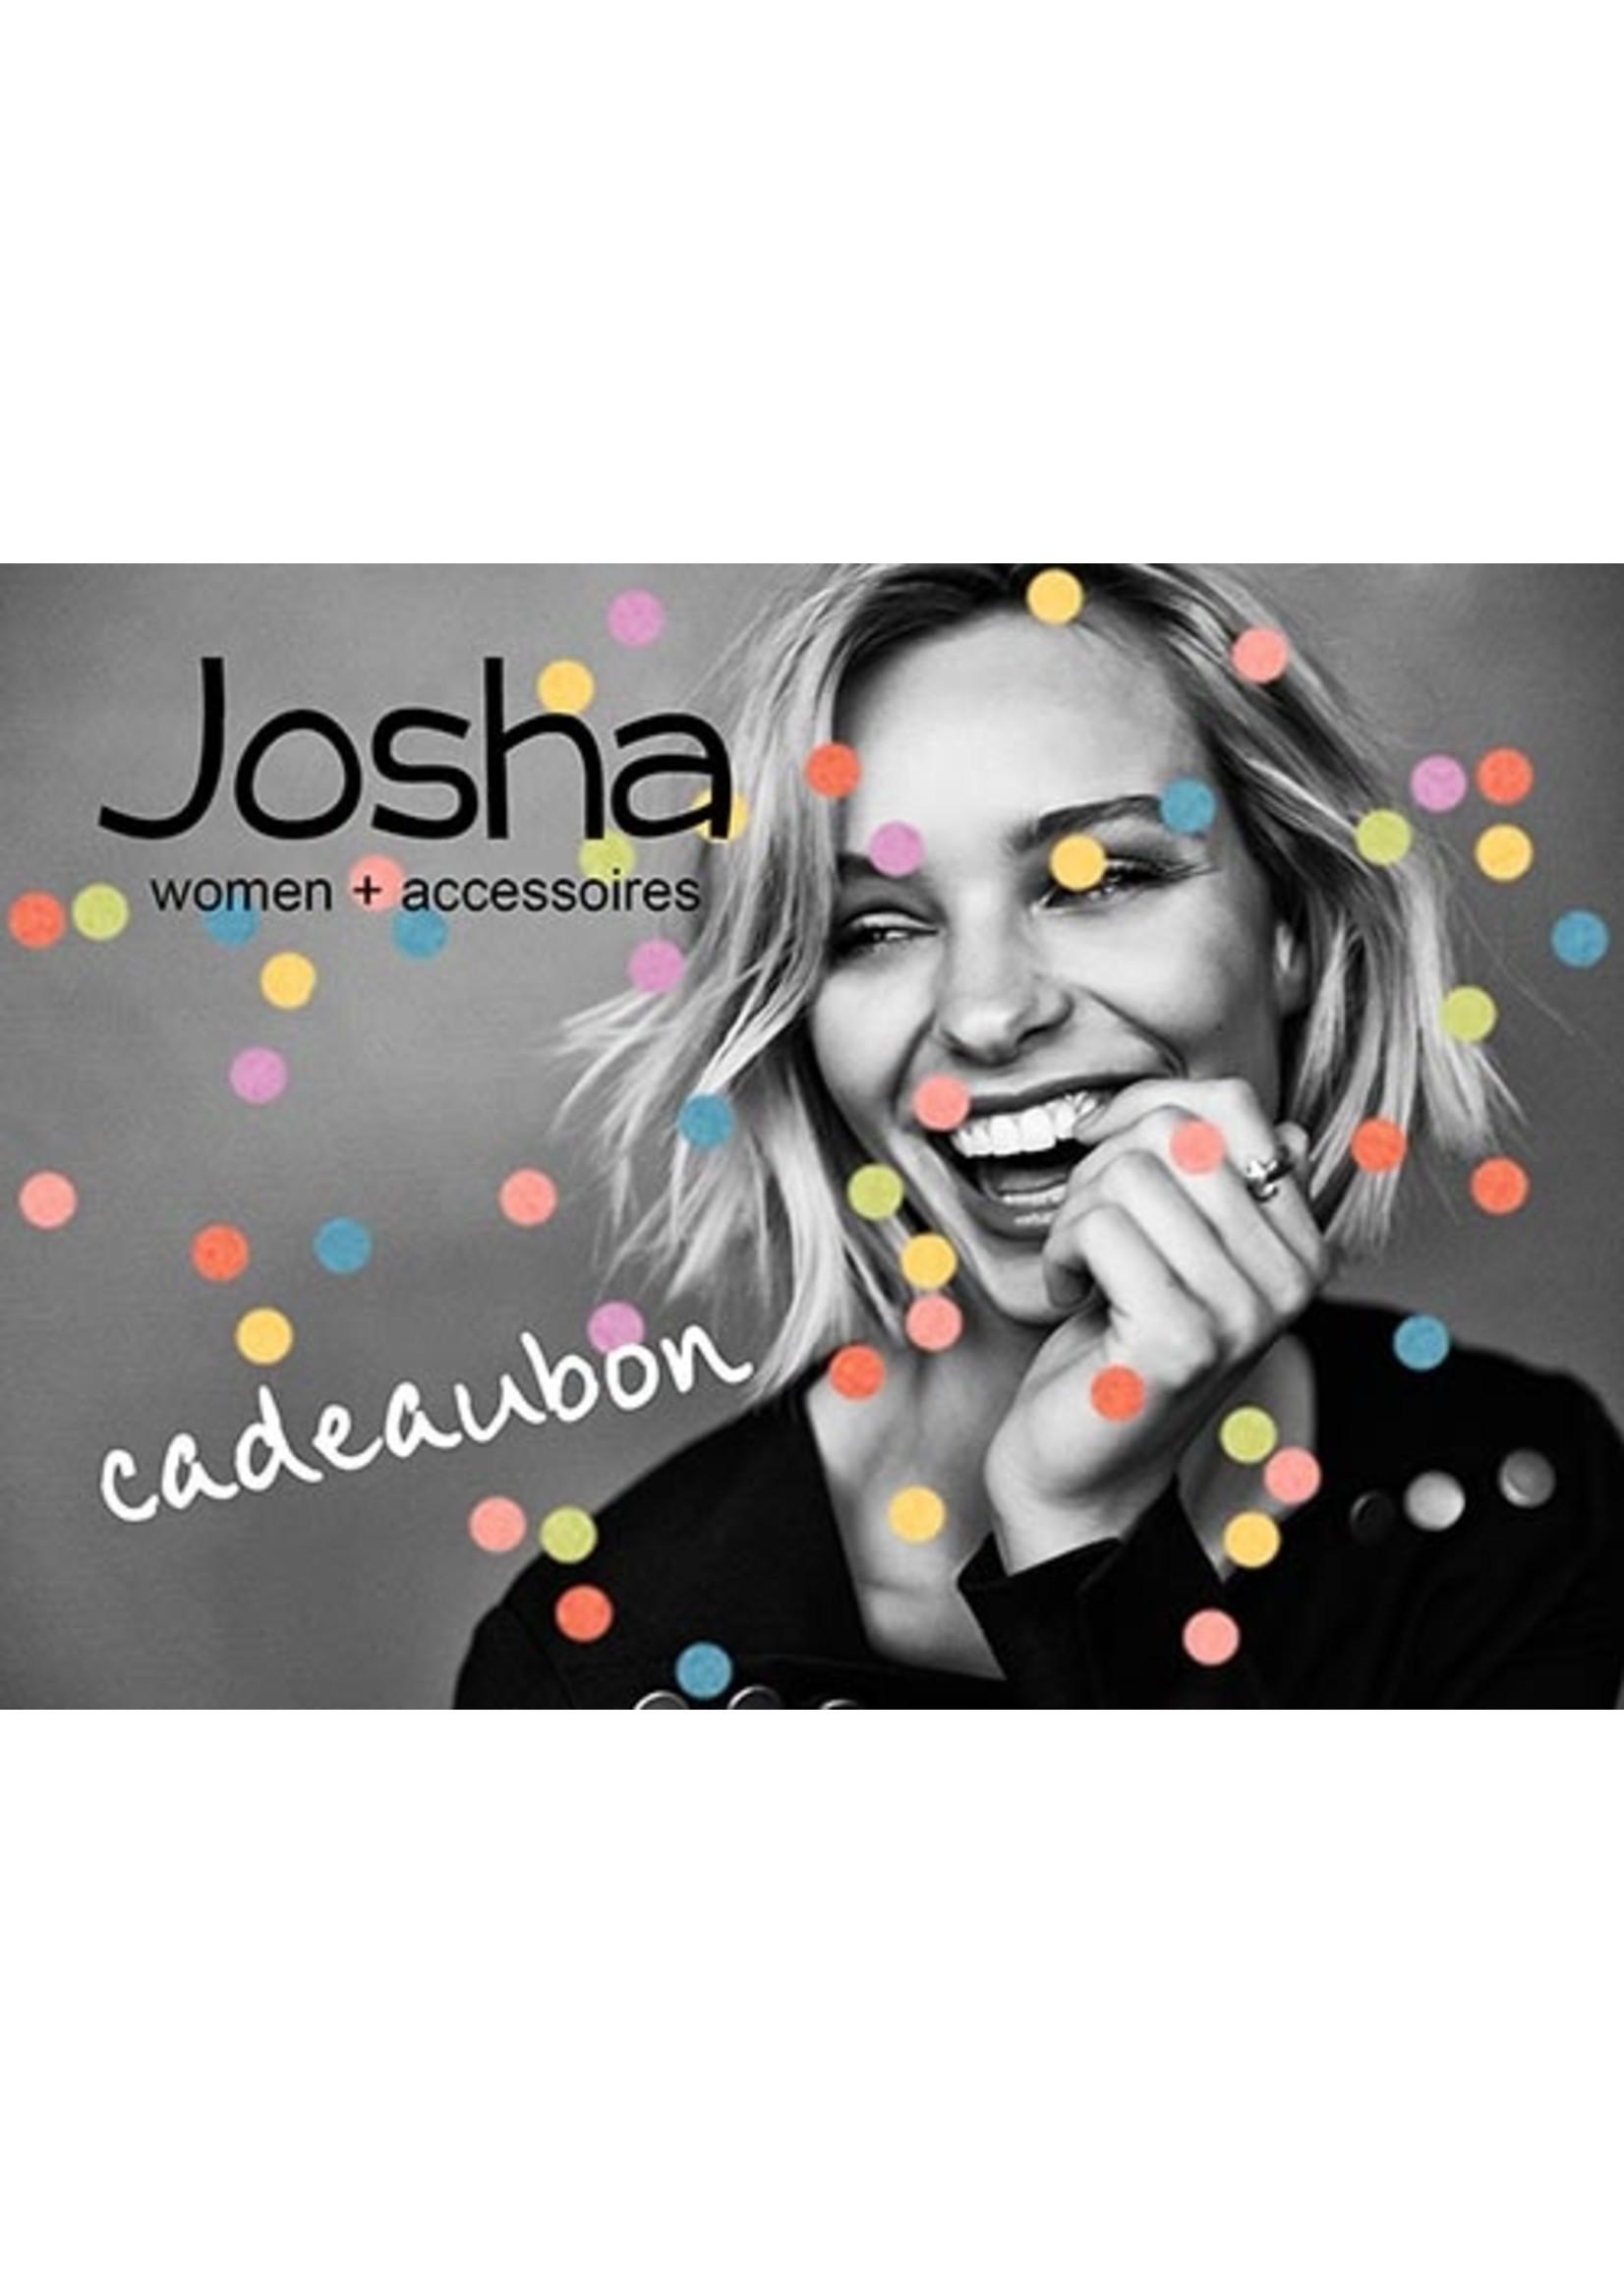 Cadeaubon Josha € 20,00